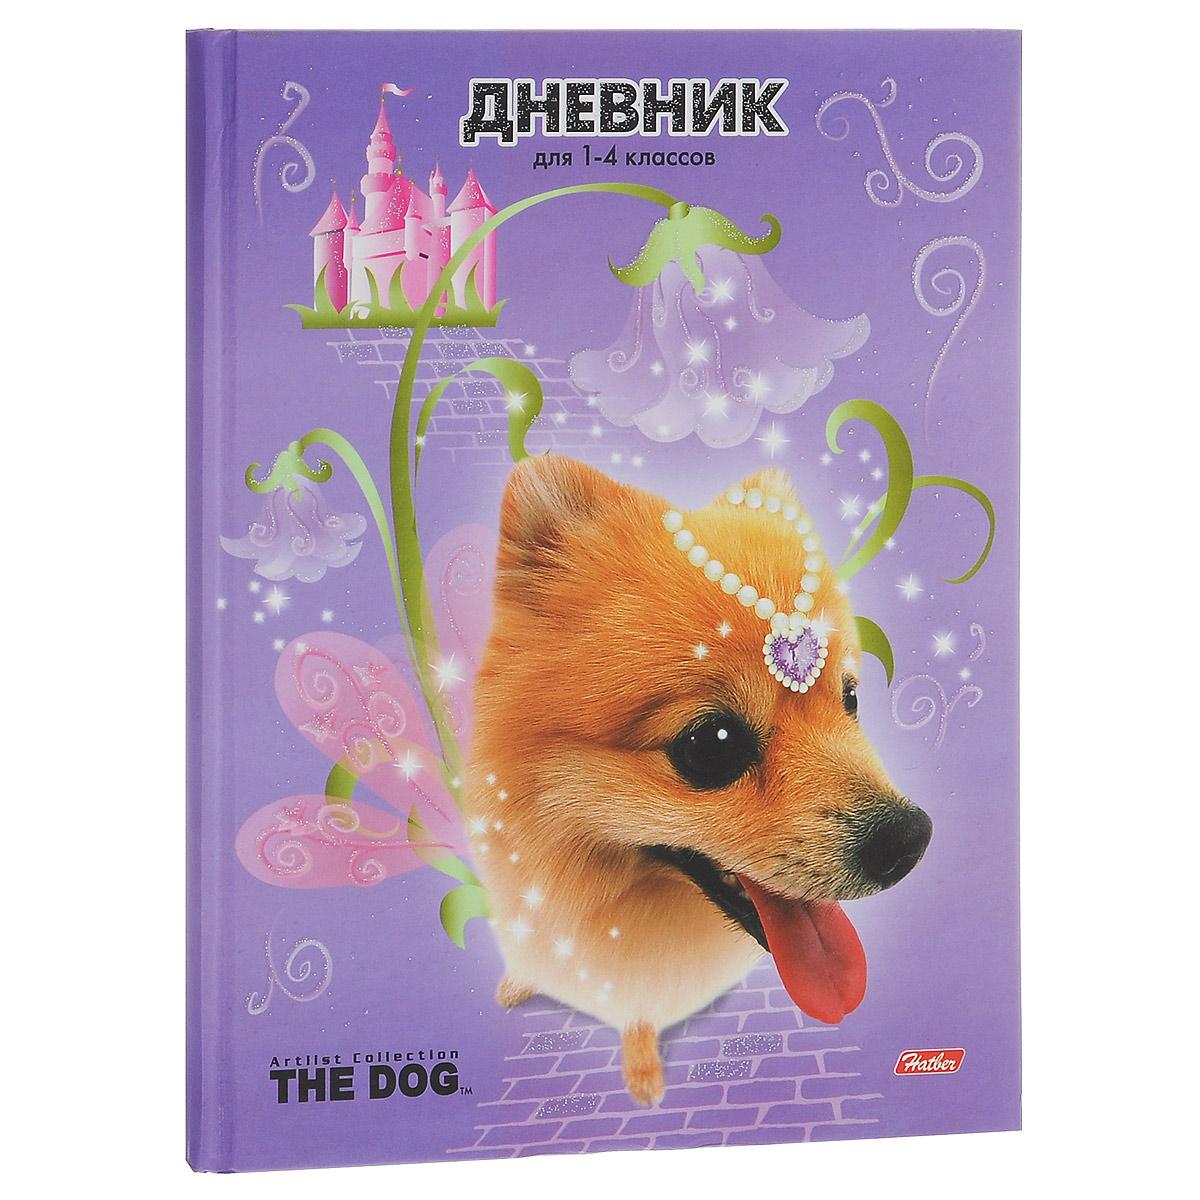 Дневник школьный Hatber The Dog48ДмТ5блB_12296Школьный дневник Hatber The Dog - первый ежедневник вашего ребенка. Он поможет ему не забыть свои задания, а вы всегда сможете проконтролировать его успеваемость. Дневник предназначен для учеников 1-4 классов. Обложка дневника выполнена из плотного глянцевого картона и оформлена изображением забавного щенка. Внутренний блок изготовлен из высококачественной бумаги и состоит из 48 листов. В структуру дневника входят все необходимые разделы: информация о личных данных ученика, школе и педагогах, друзьях и одноклассниках, расписание факультативов и уроков по четвертям, сведения об успеваемости с рекомендациями педагогического коллектива. Дневник также содержит номера телефонов экстренной помощи и даты государственных праздников. Кроме стандартной информации, в конце дневника имеется краткий справочник школьника по математике и русскому языку. Школьный дневник Hatber The Dog станет отличным помощником в освоении новых знаний и принесет радость своему хозяину в учебные будни.